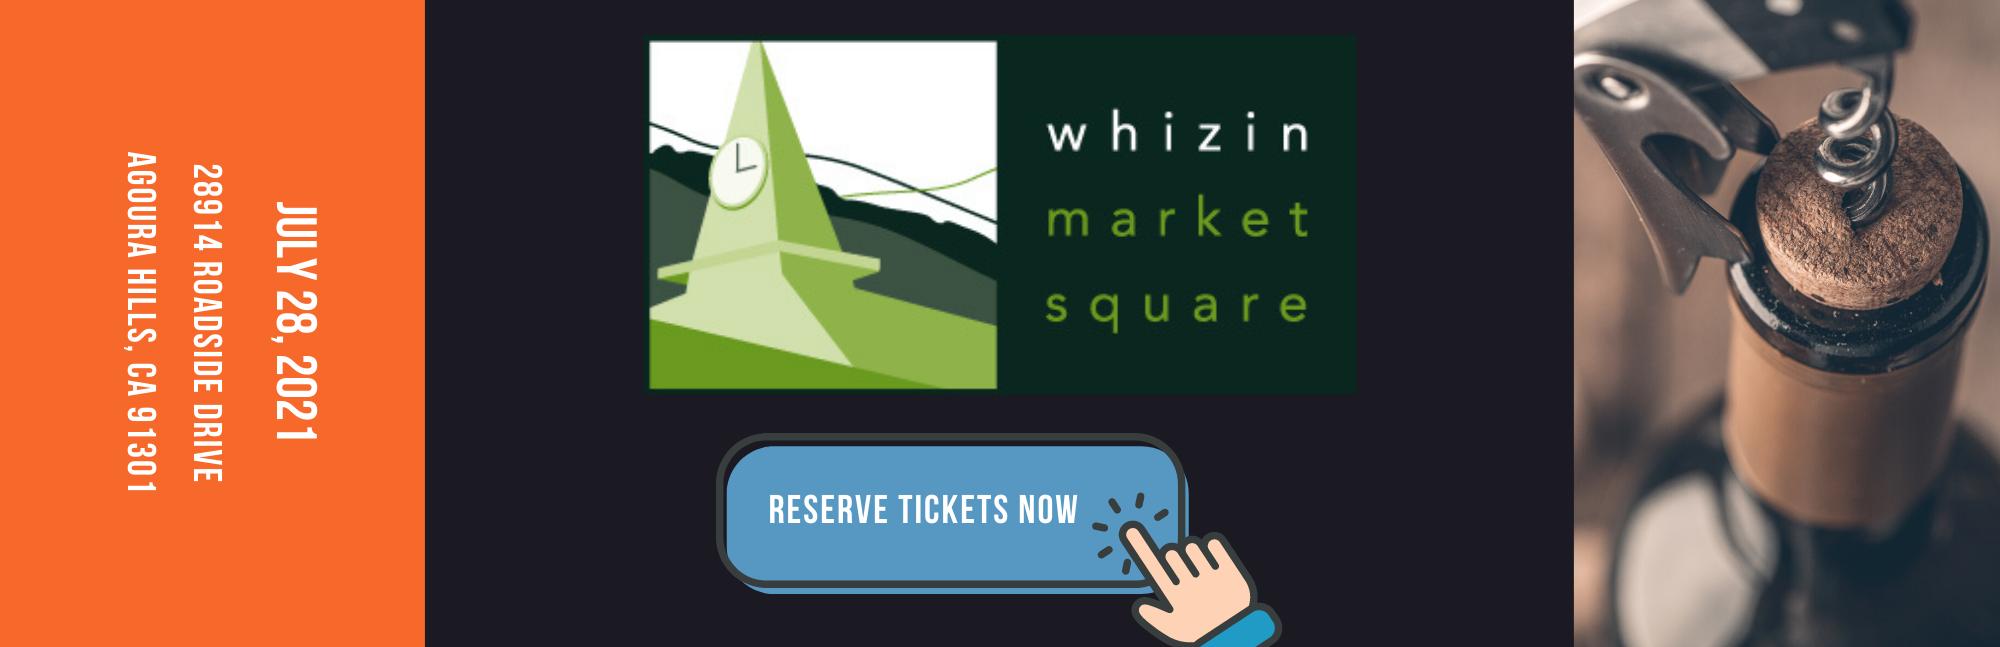 Whizin-Market-Square.png